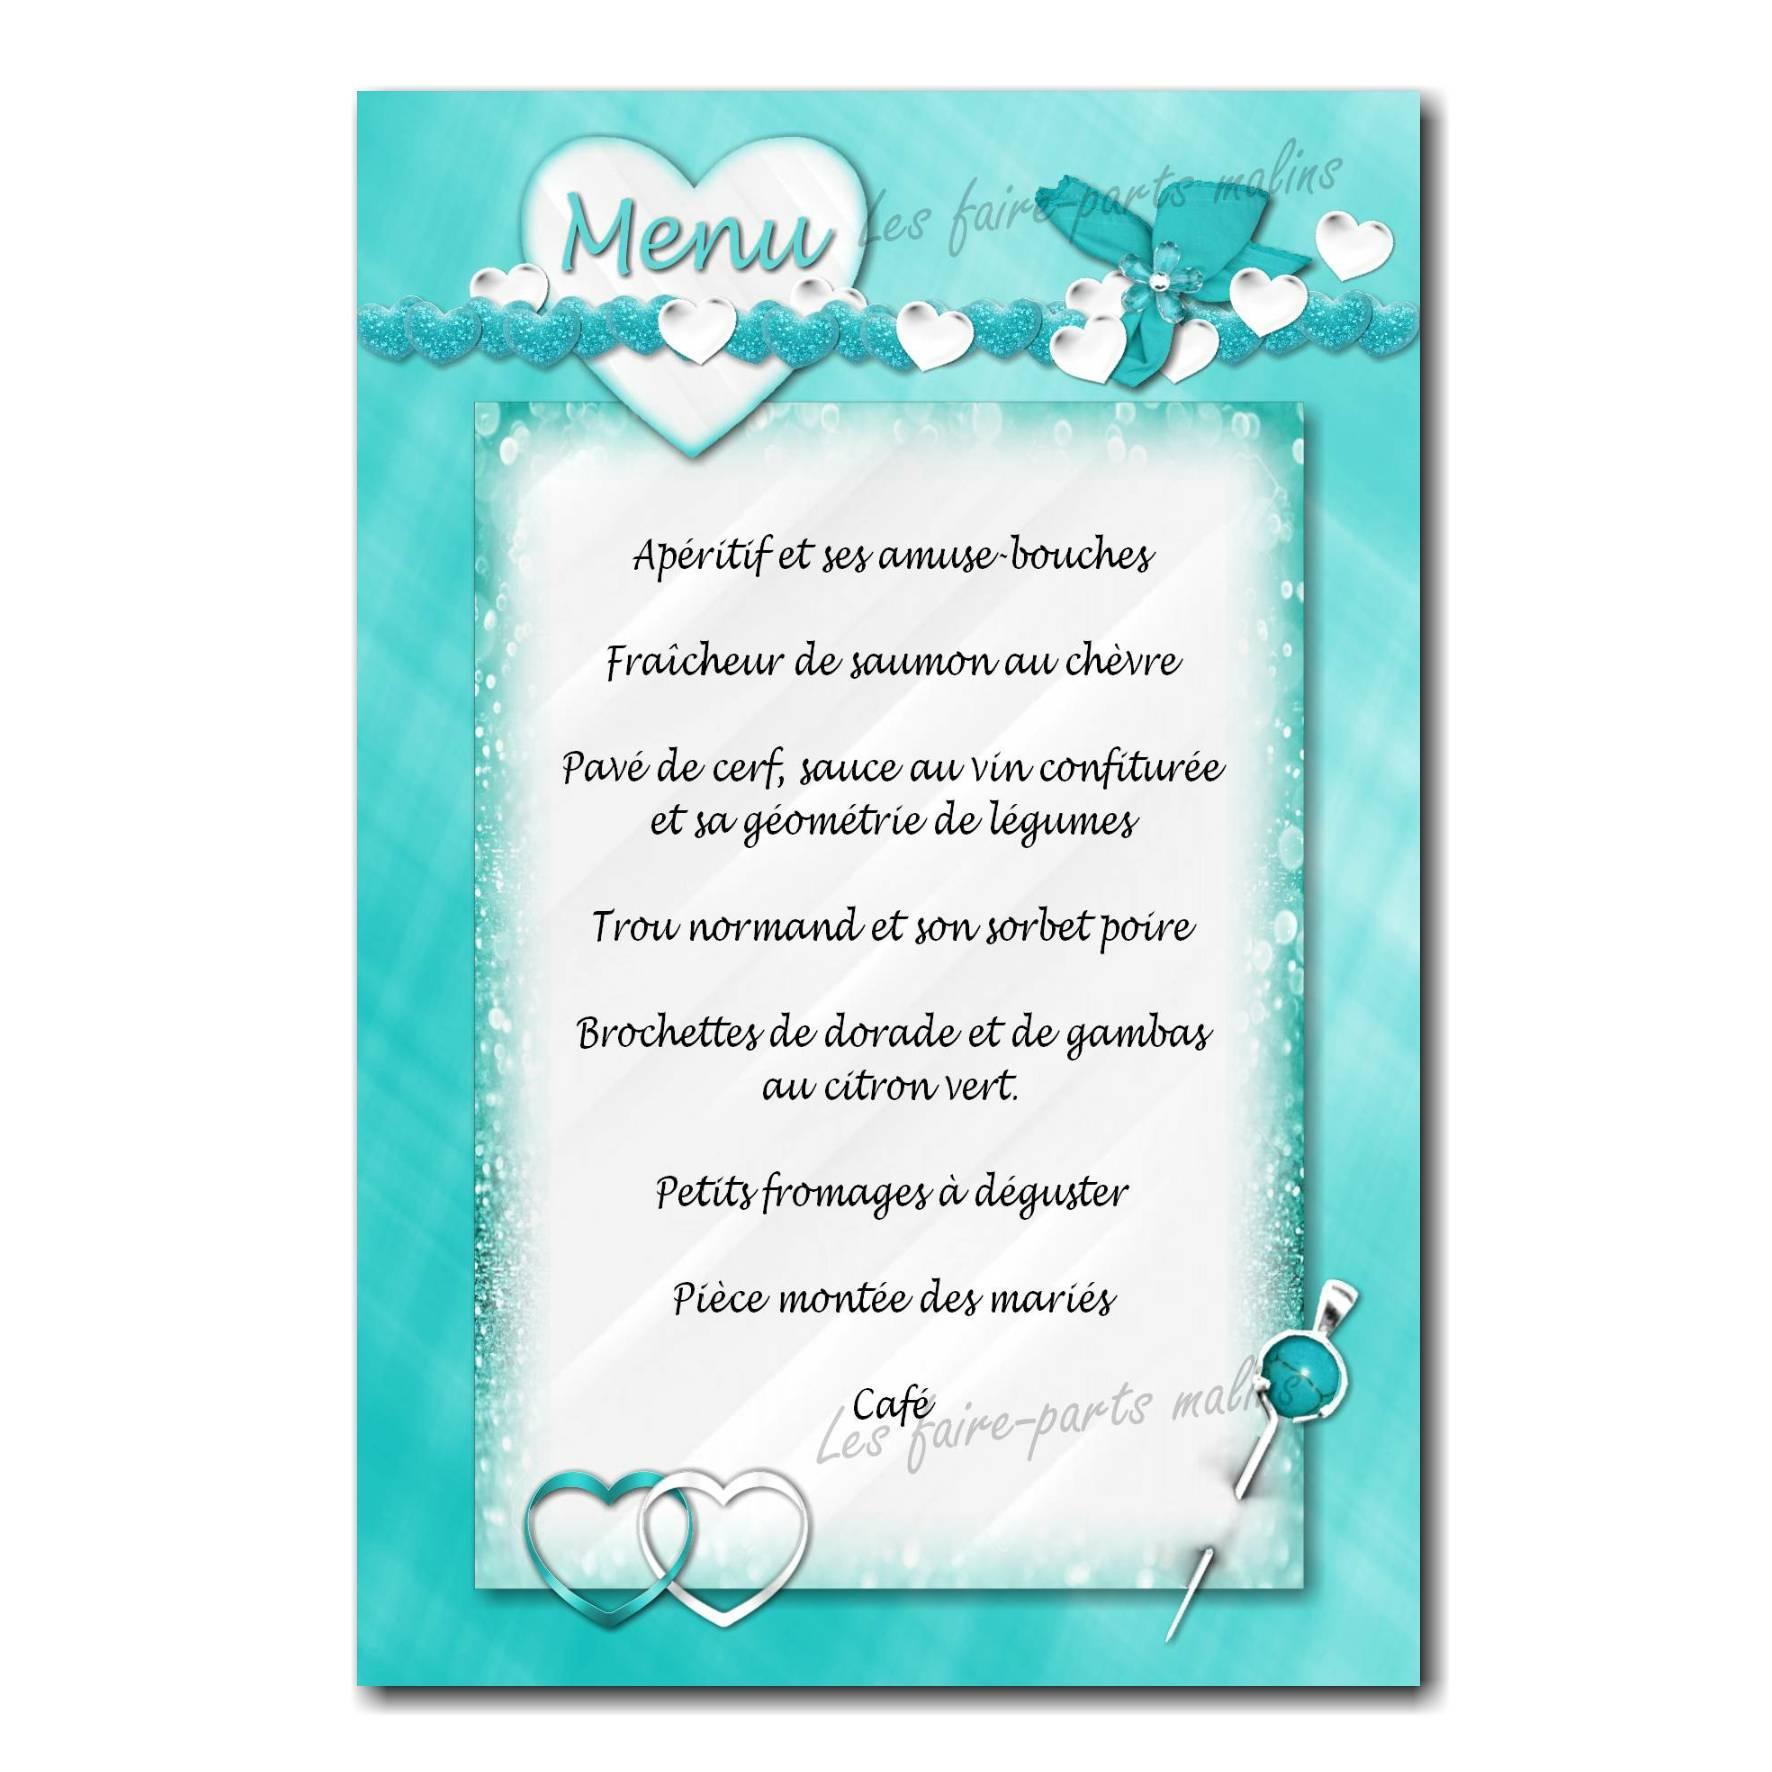 carte de menu fond turquoise avec petit coeur blanc et bleu